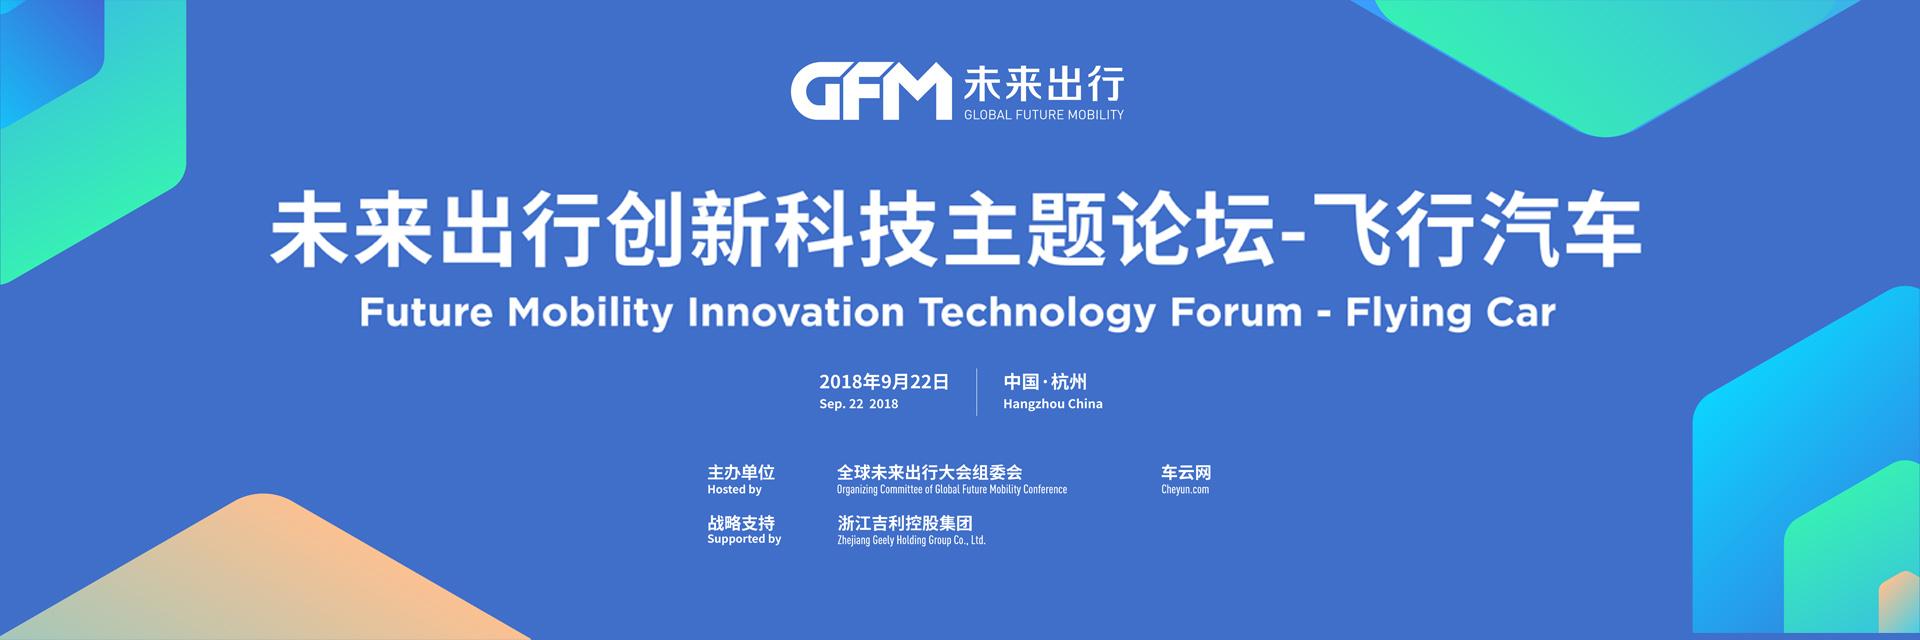 未来出行创新科技主题论坛——飞行汽车